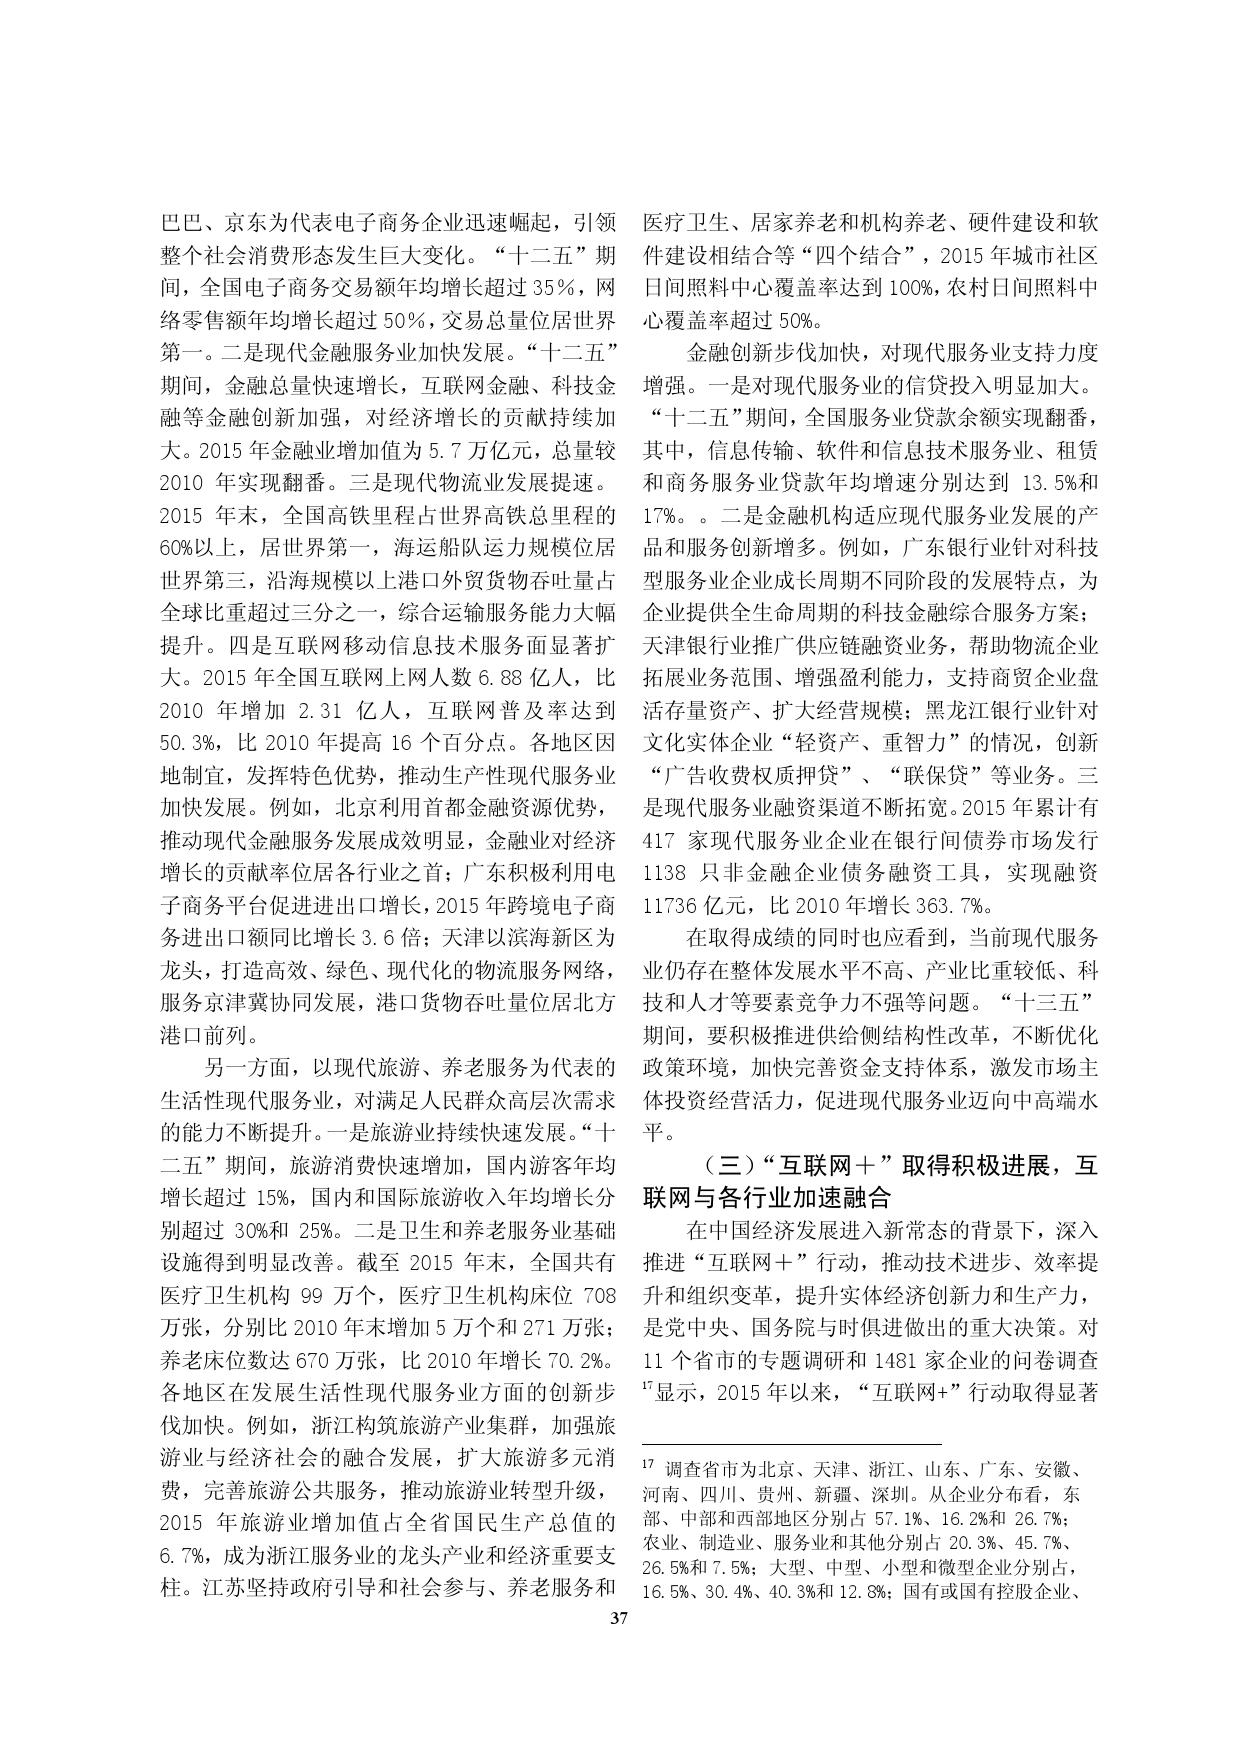 2015年中国区域金融运行报告_000040